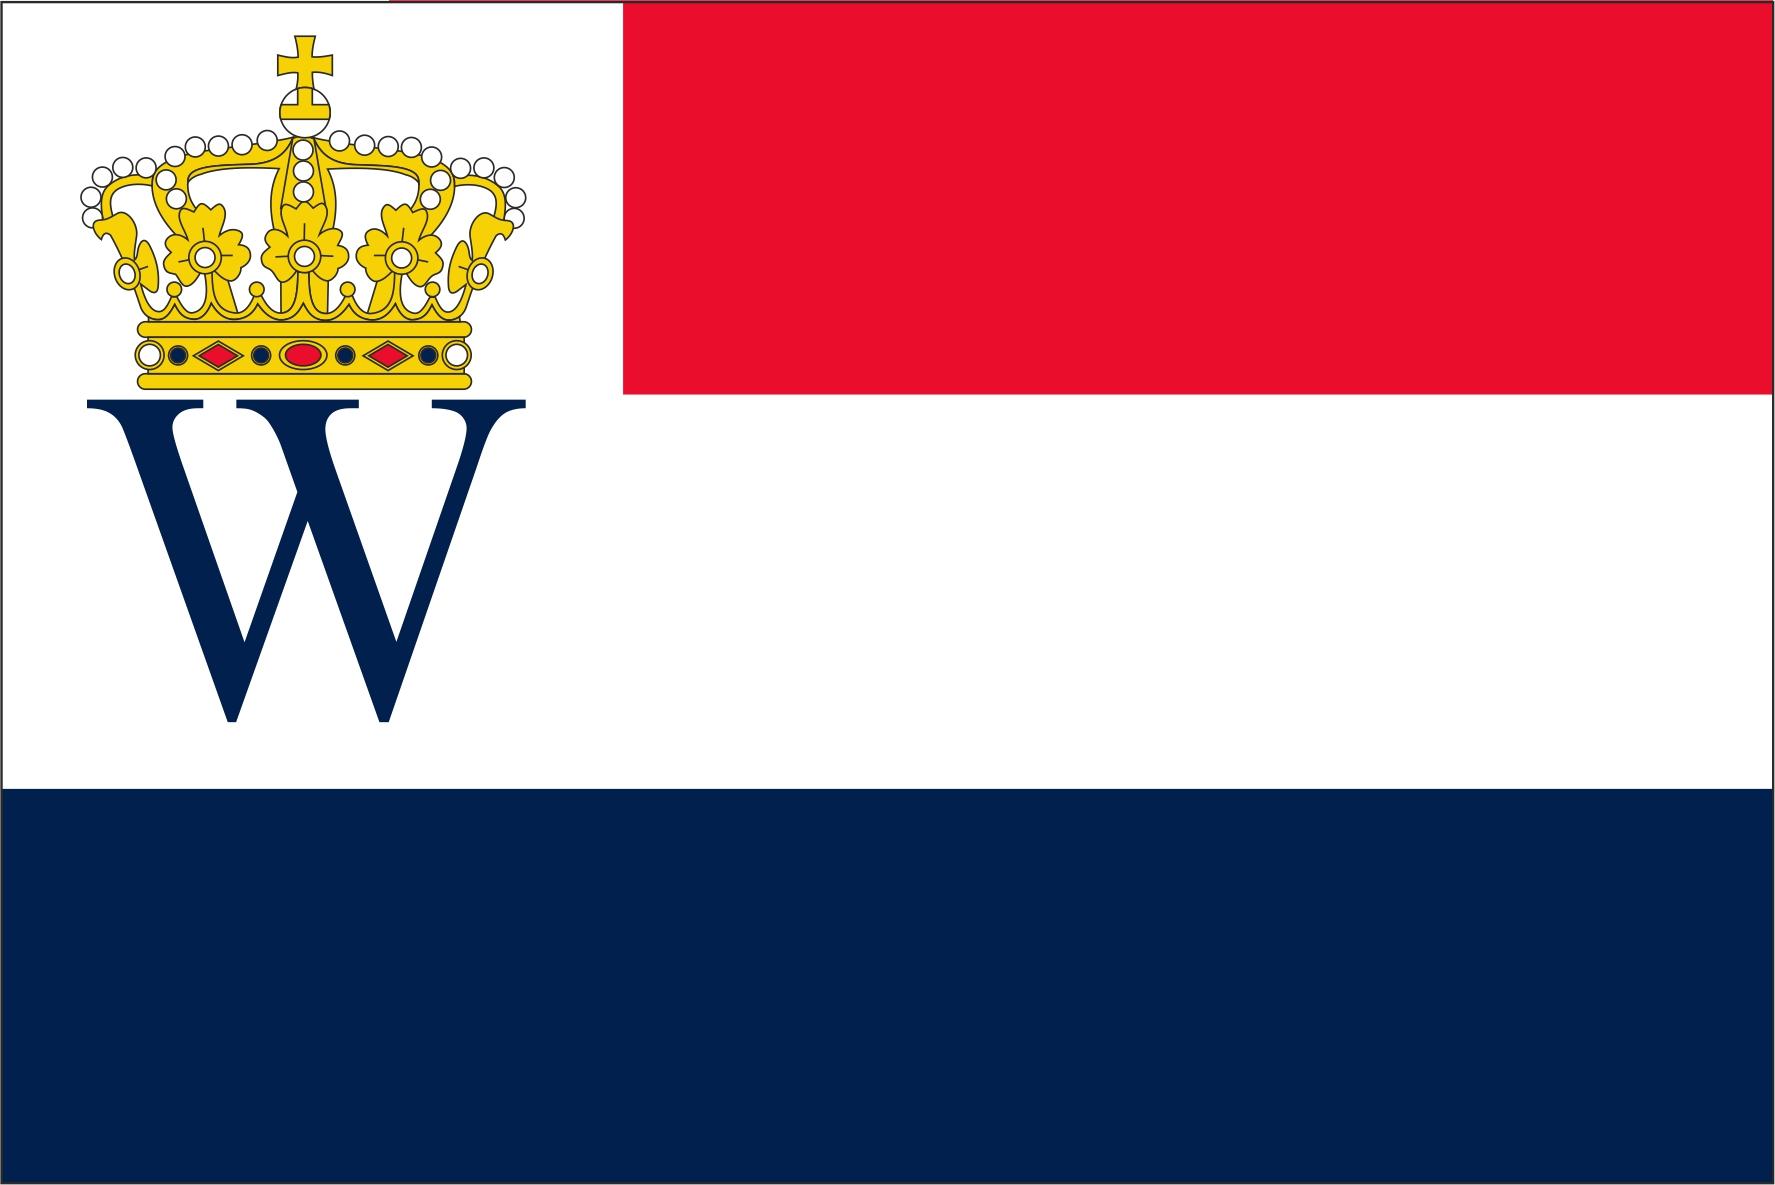 200 jaar Koninkrijk vlag vlaggen 150x225cm Oud Hollands Blauw